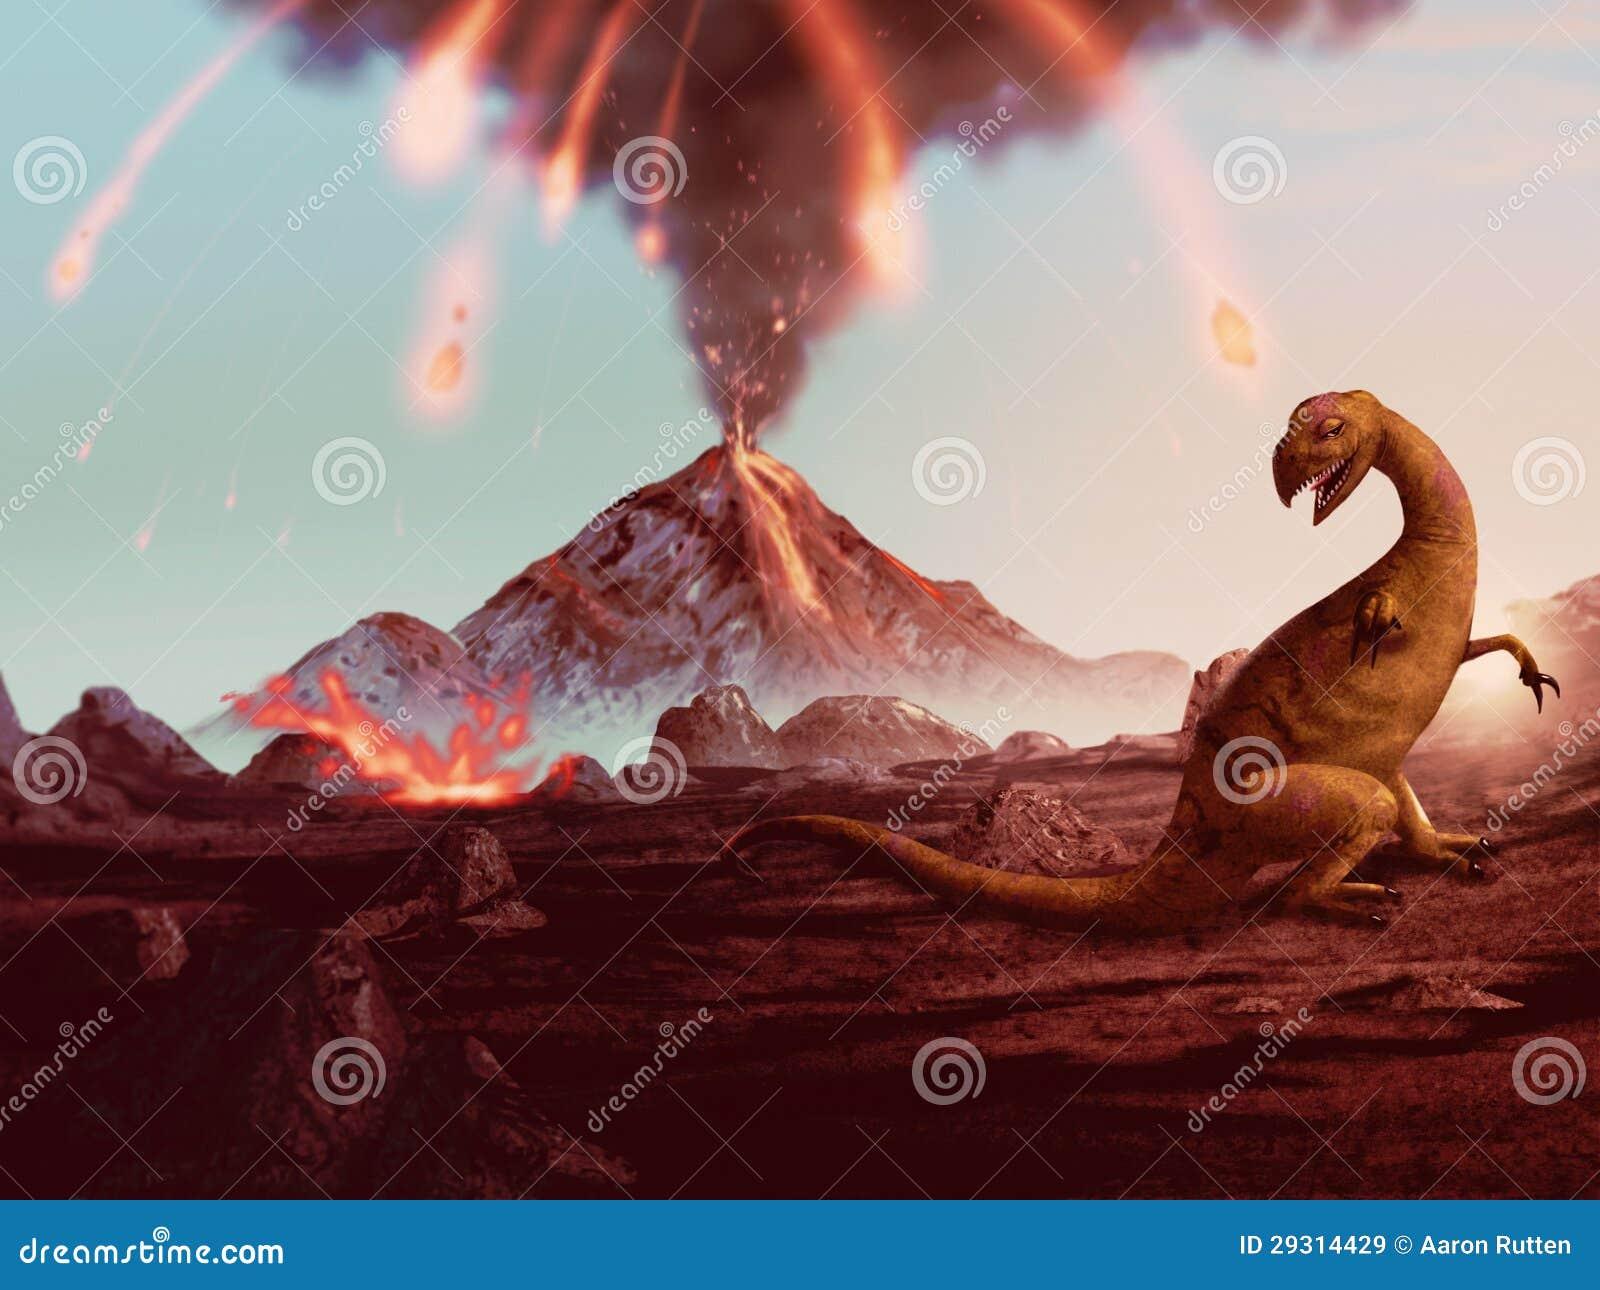 Extinção do dinossauro - entrando em erupção a arte finala do vulcão